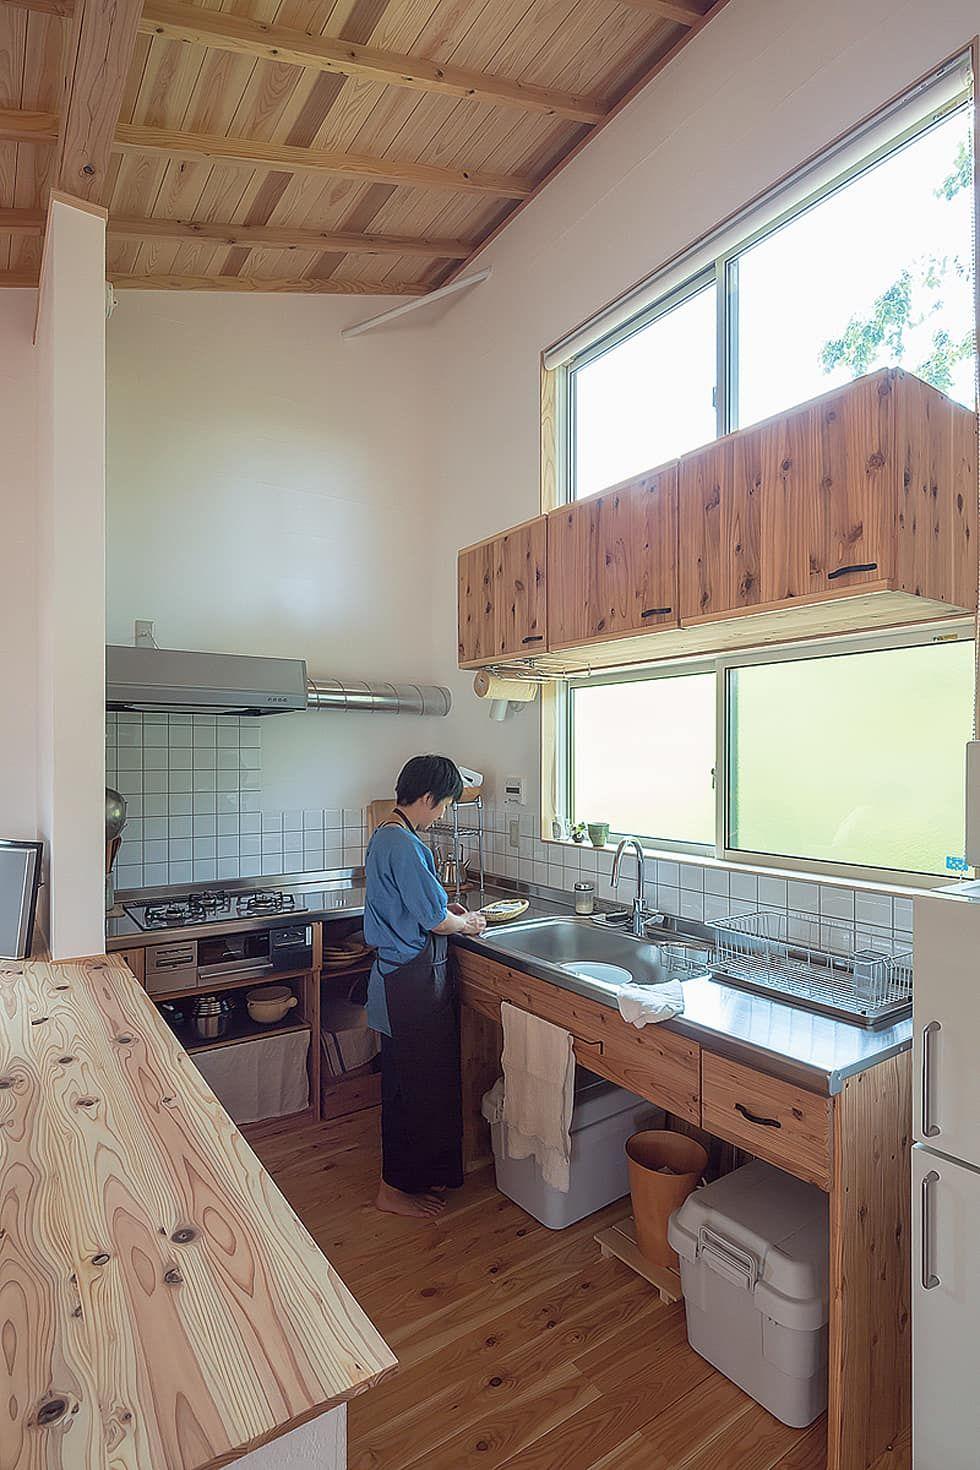 木漏れ日の中のキッチン 株式会社 建築工房零が手掛けたキッチンです